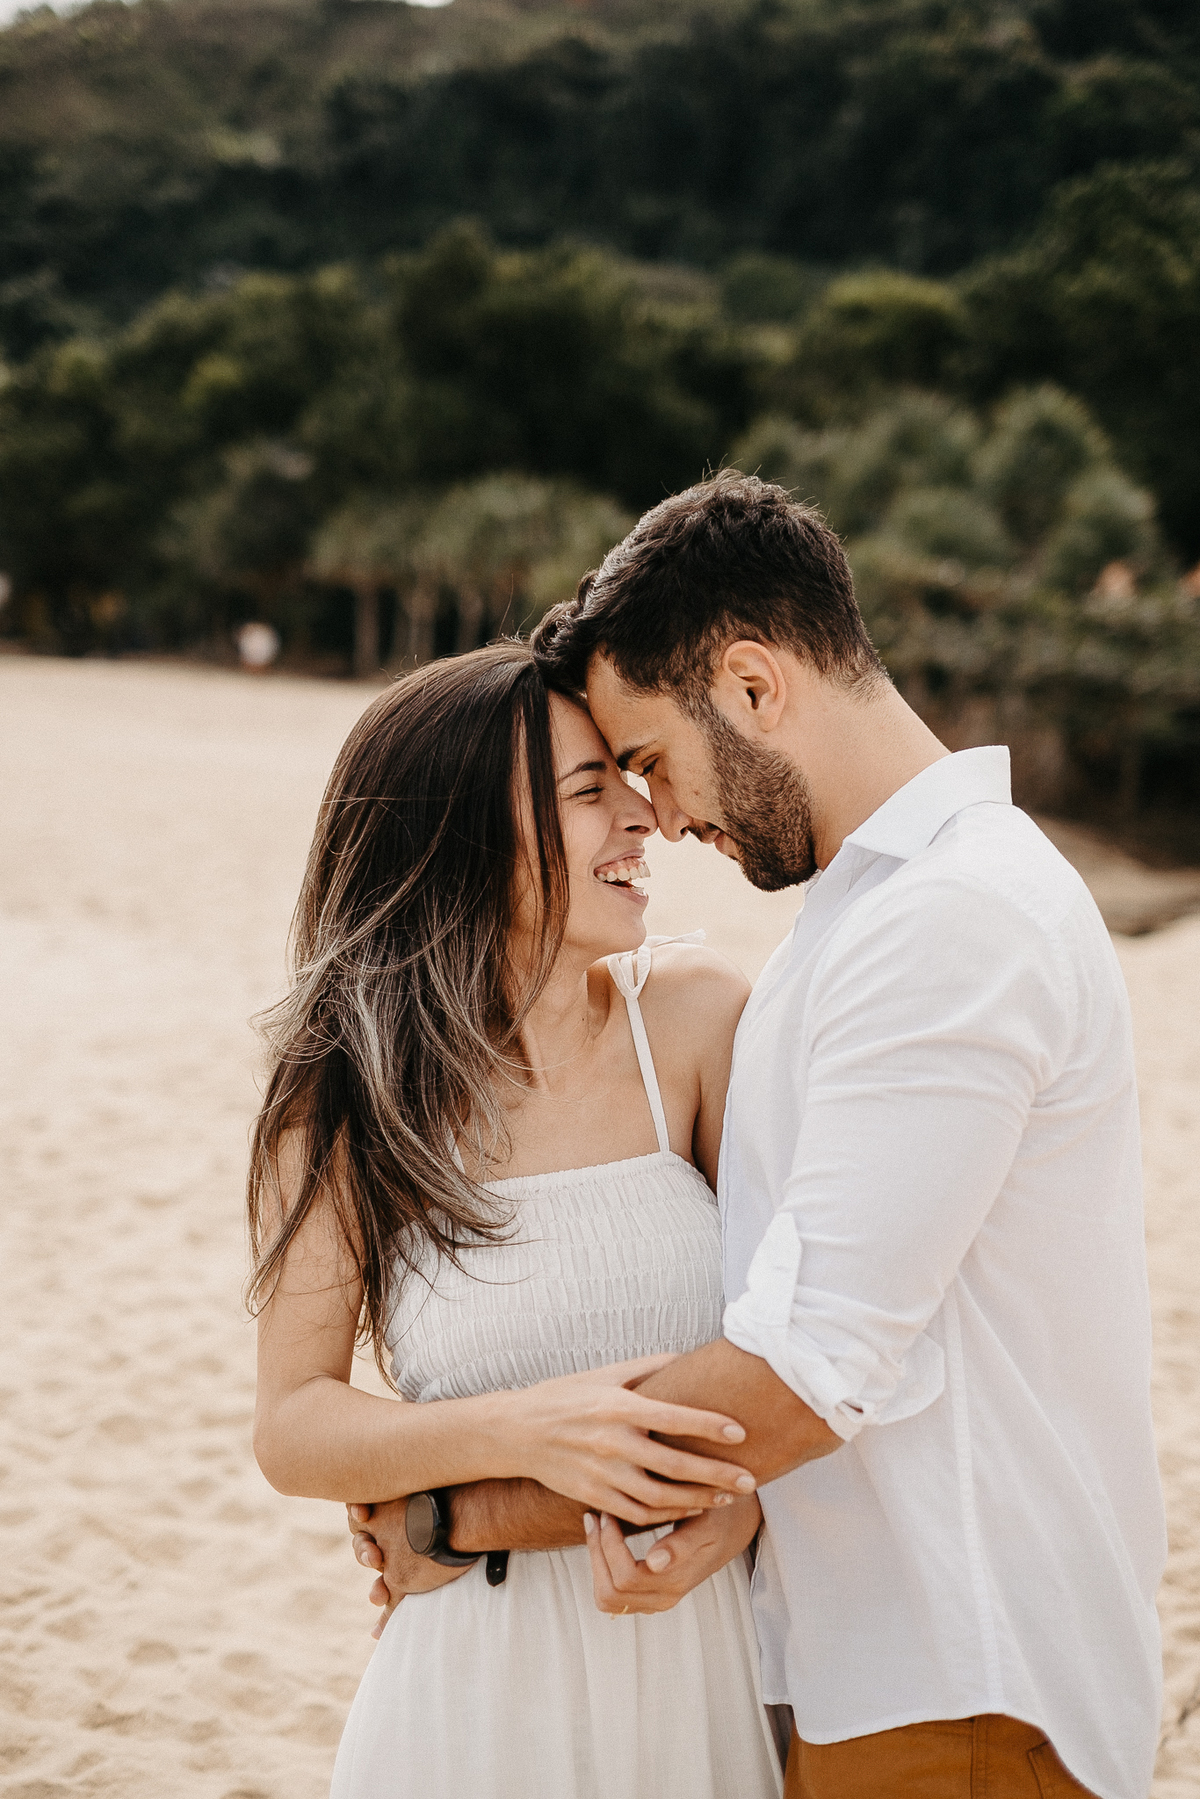 casar em toque toque ensaio pre wedding na praia fotografos de casamento litoral norte fotos por caioh fotomini wedding cerimonias de dia casamentos diurnos